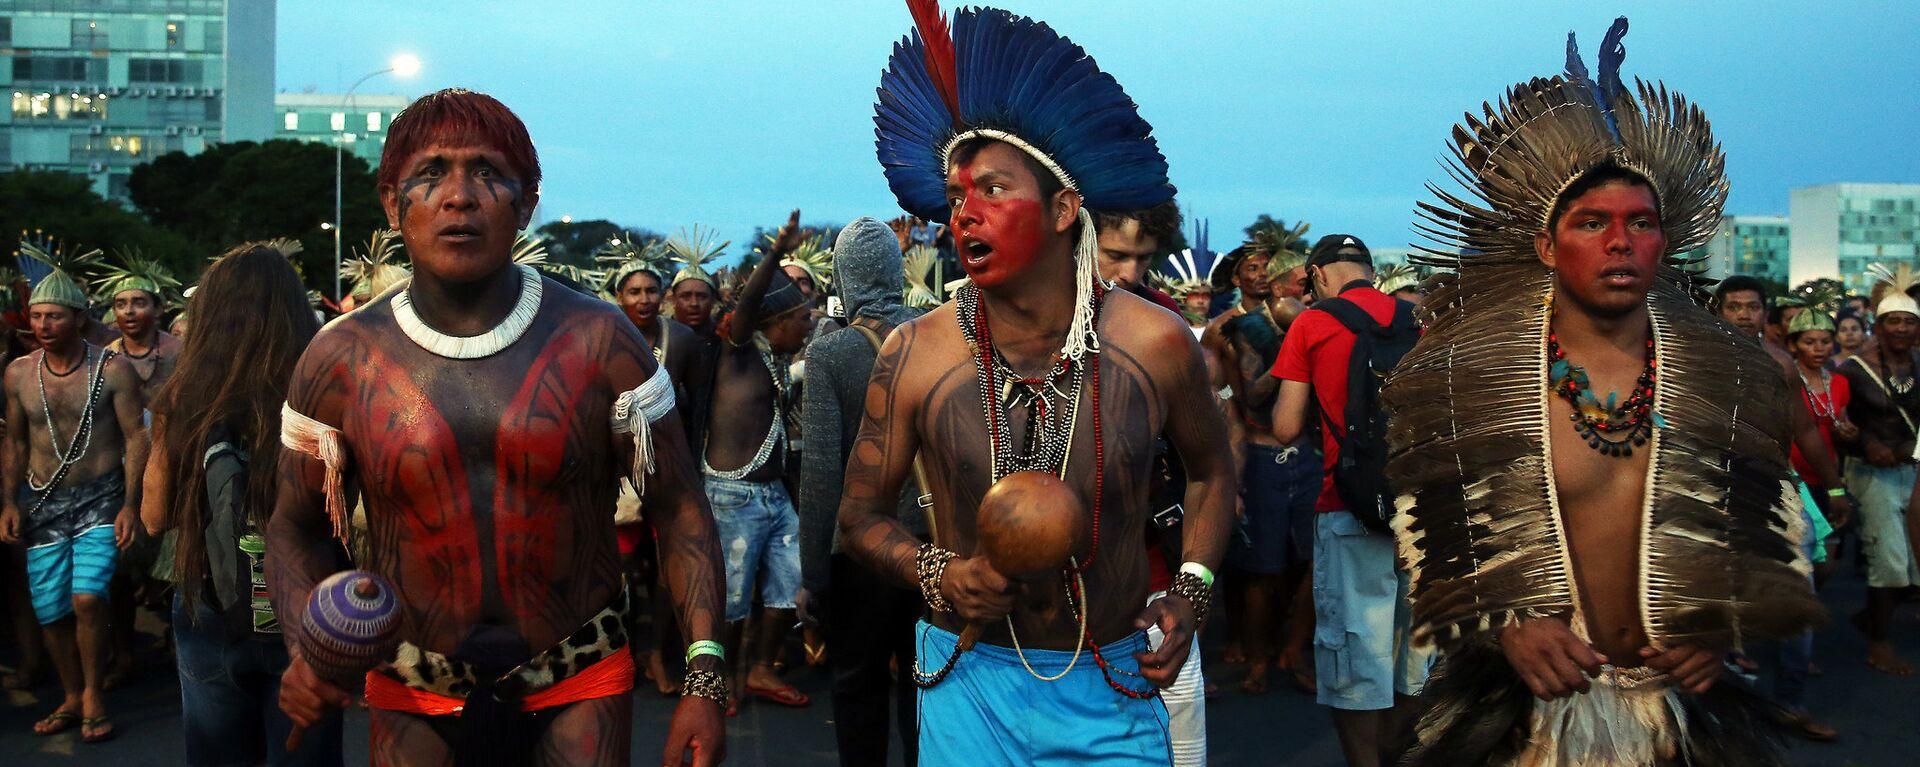 Una manifestación indígena en Brasilia - Sputnik Mundo, 1920, 10.05.2021